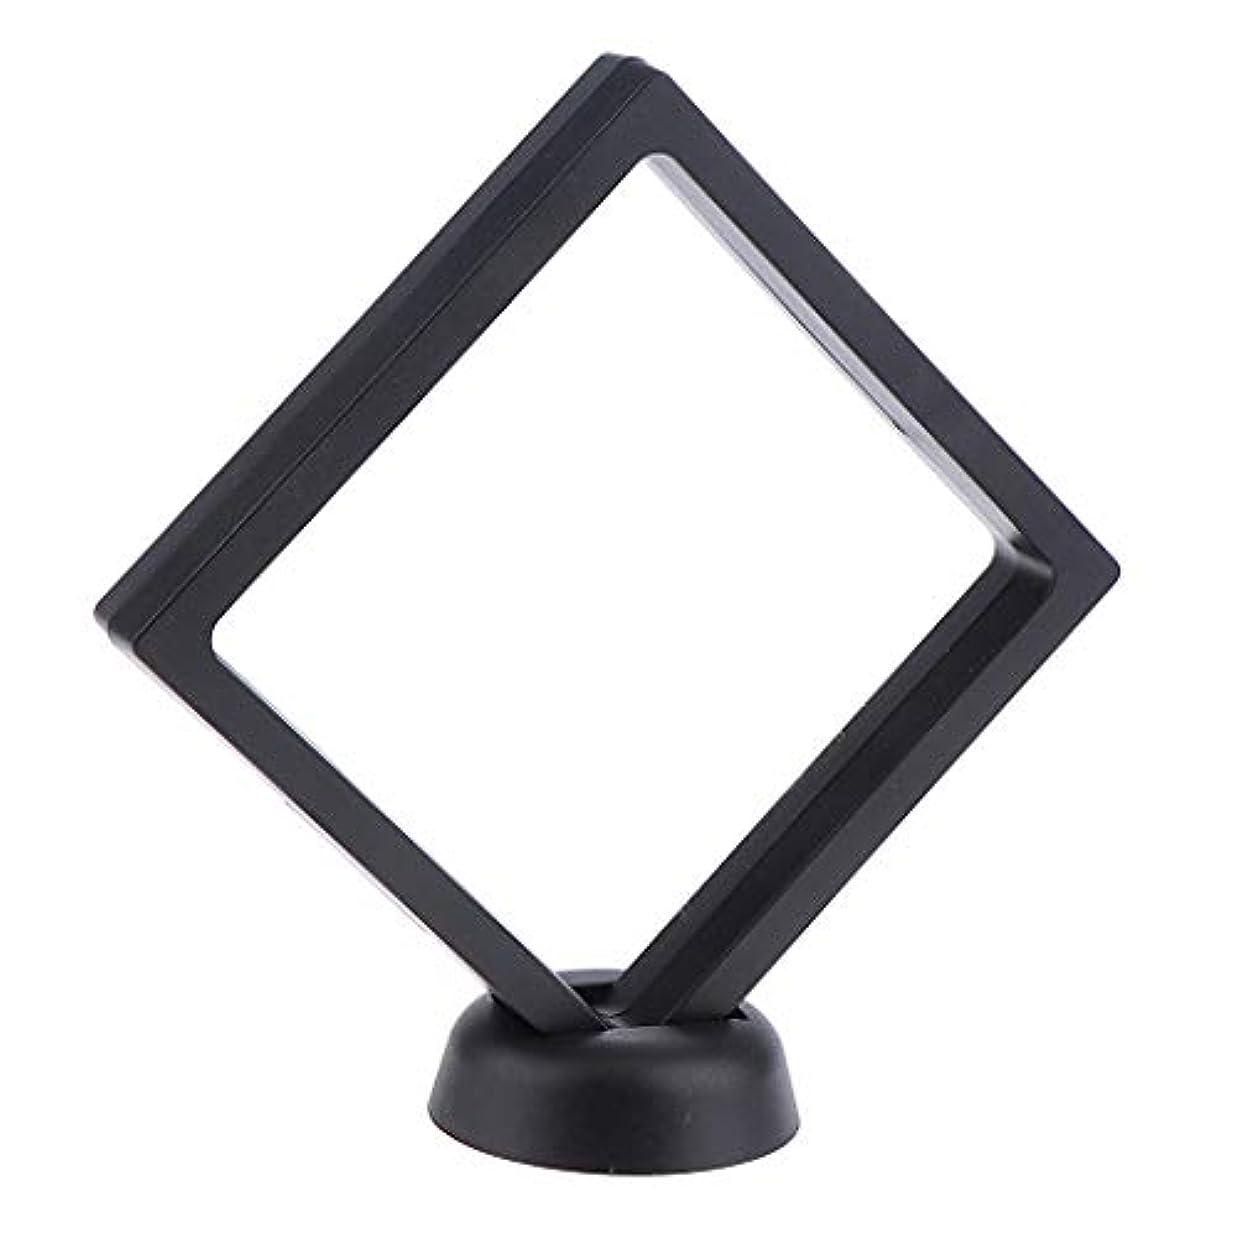 カストディアンジャンル二度B Baosity ネイルアート 展示用 ボード ネイルサロン ネイルヒント ディスプレイスタンド 2色選べ - ブラック